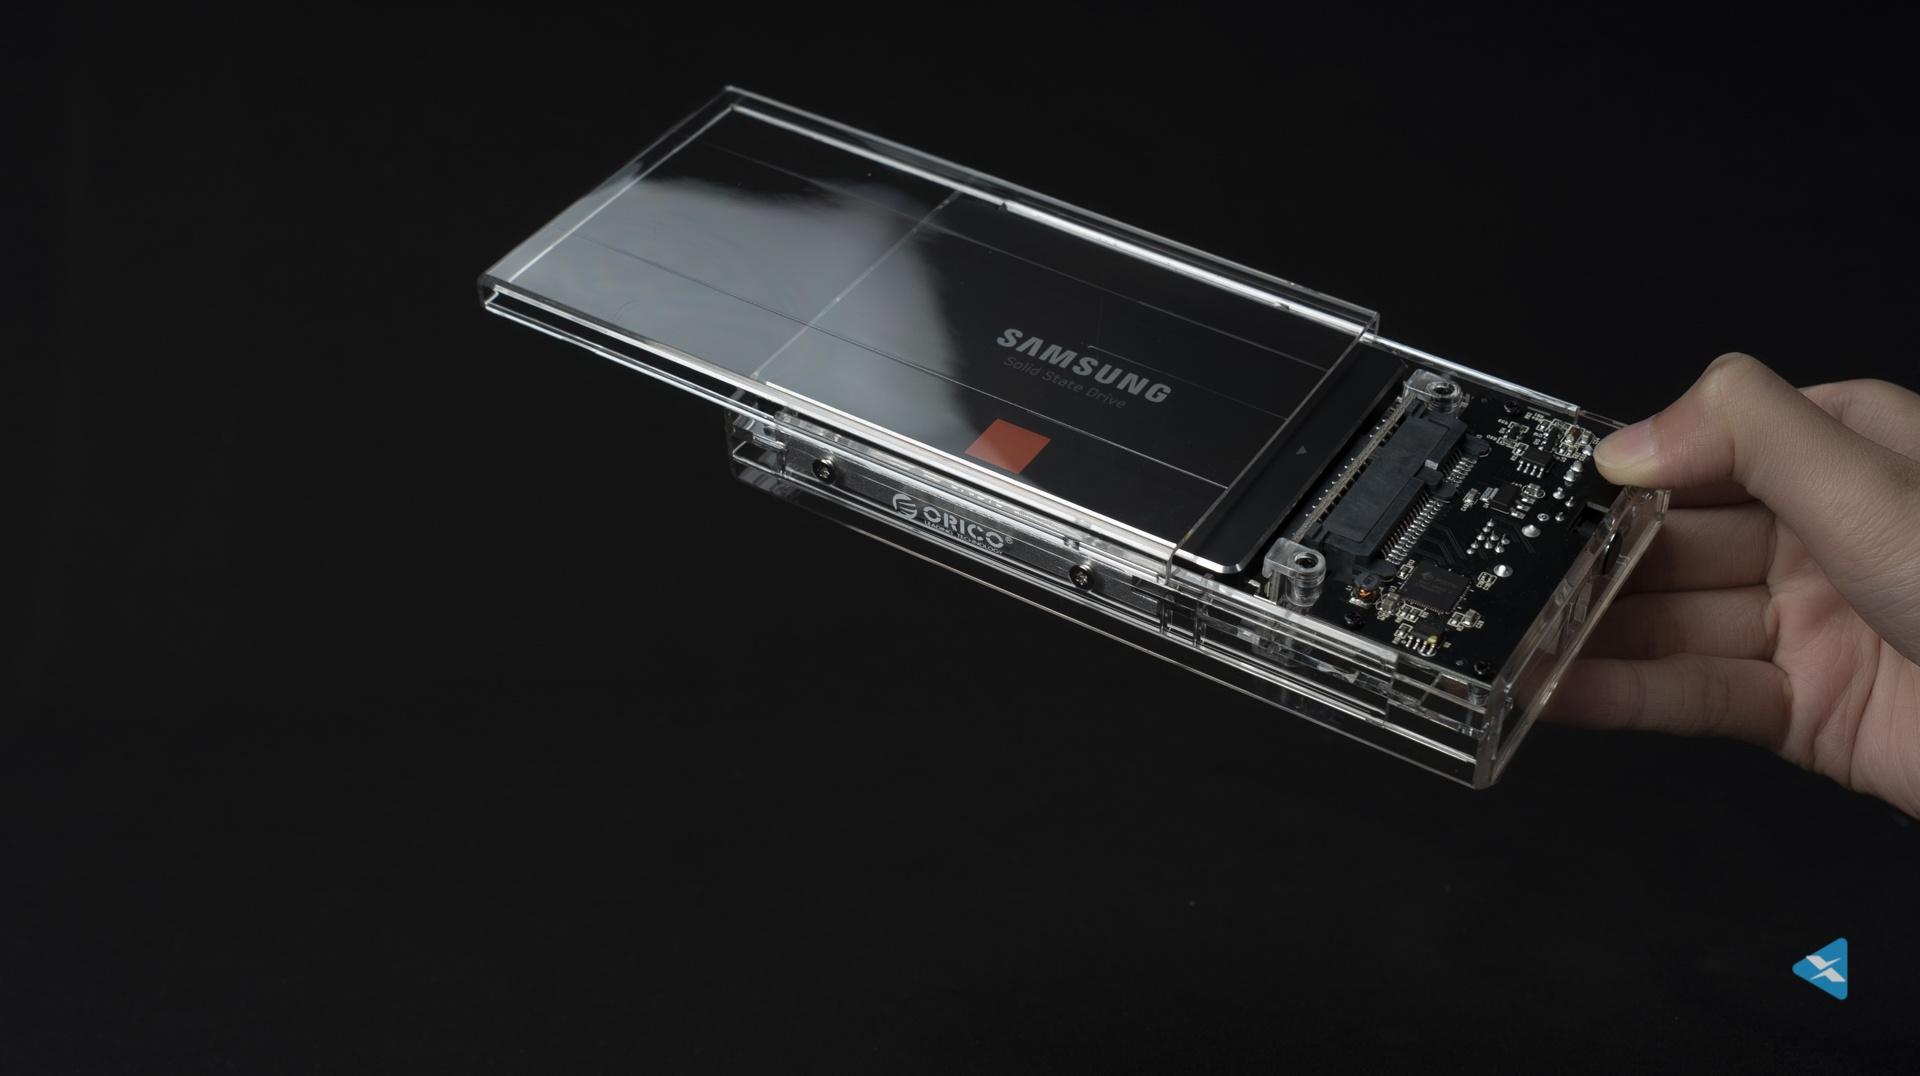 奥睿科双位透明硬盘盒 安全稳定的同时又是科技之美